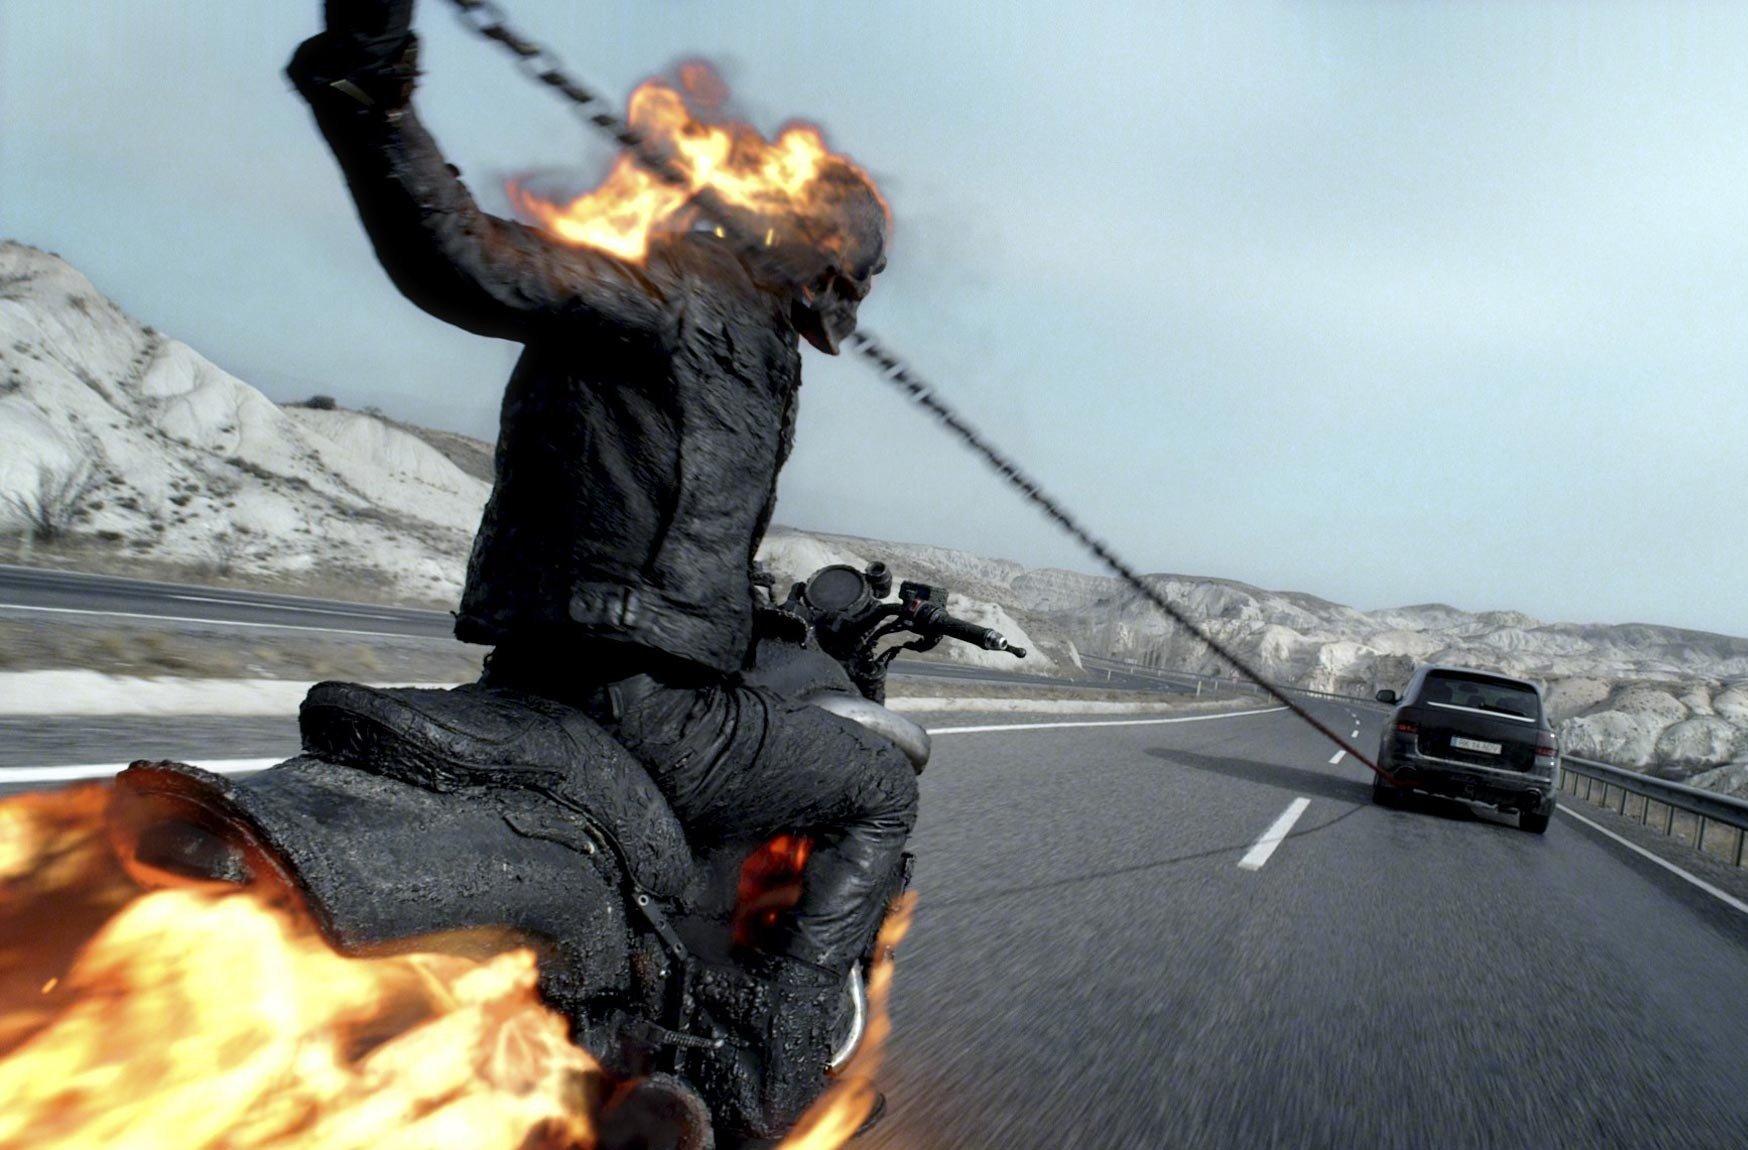 Marvel Ghost Rider: Spirit of Vengeance MovieSpoon.com